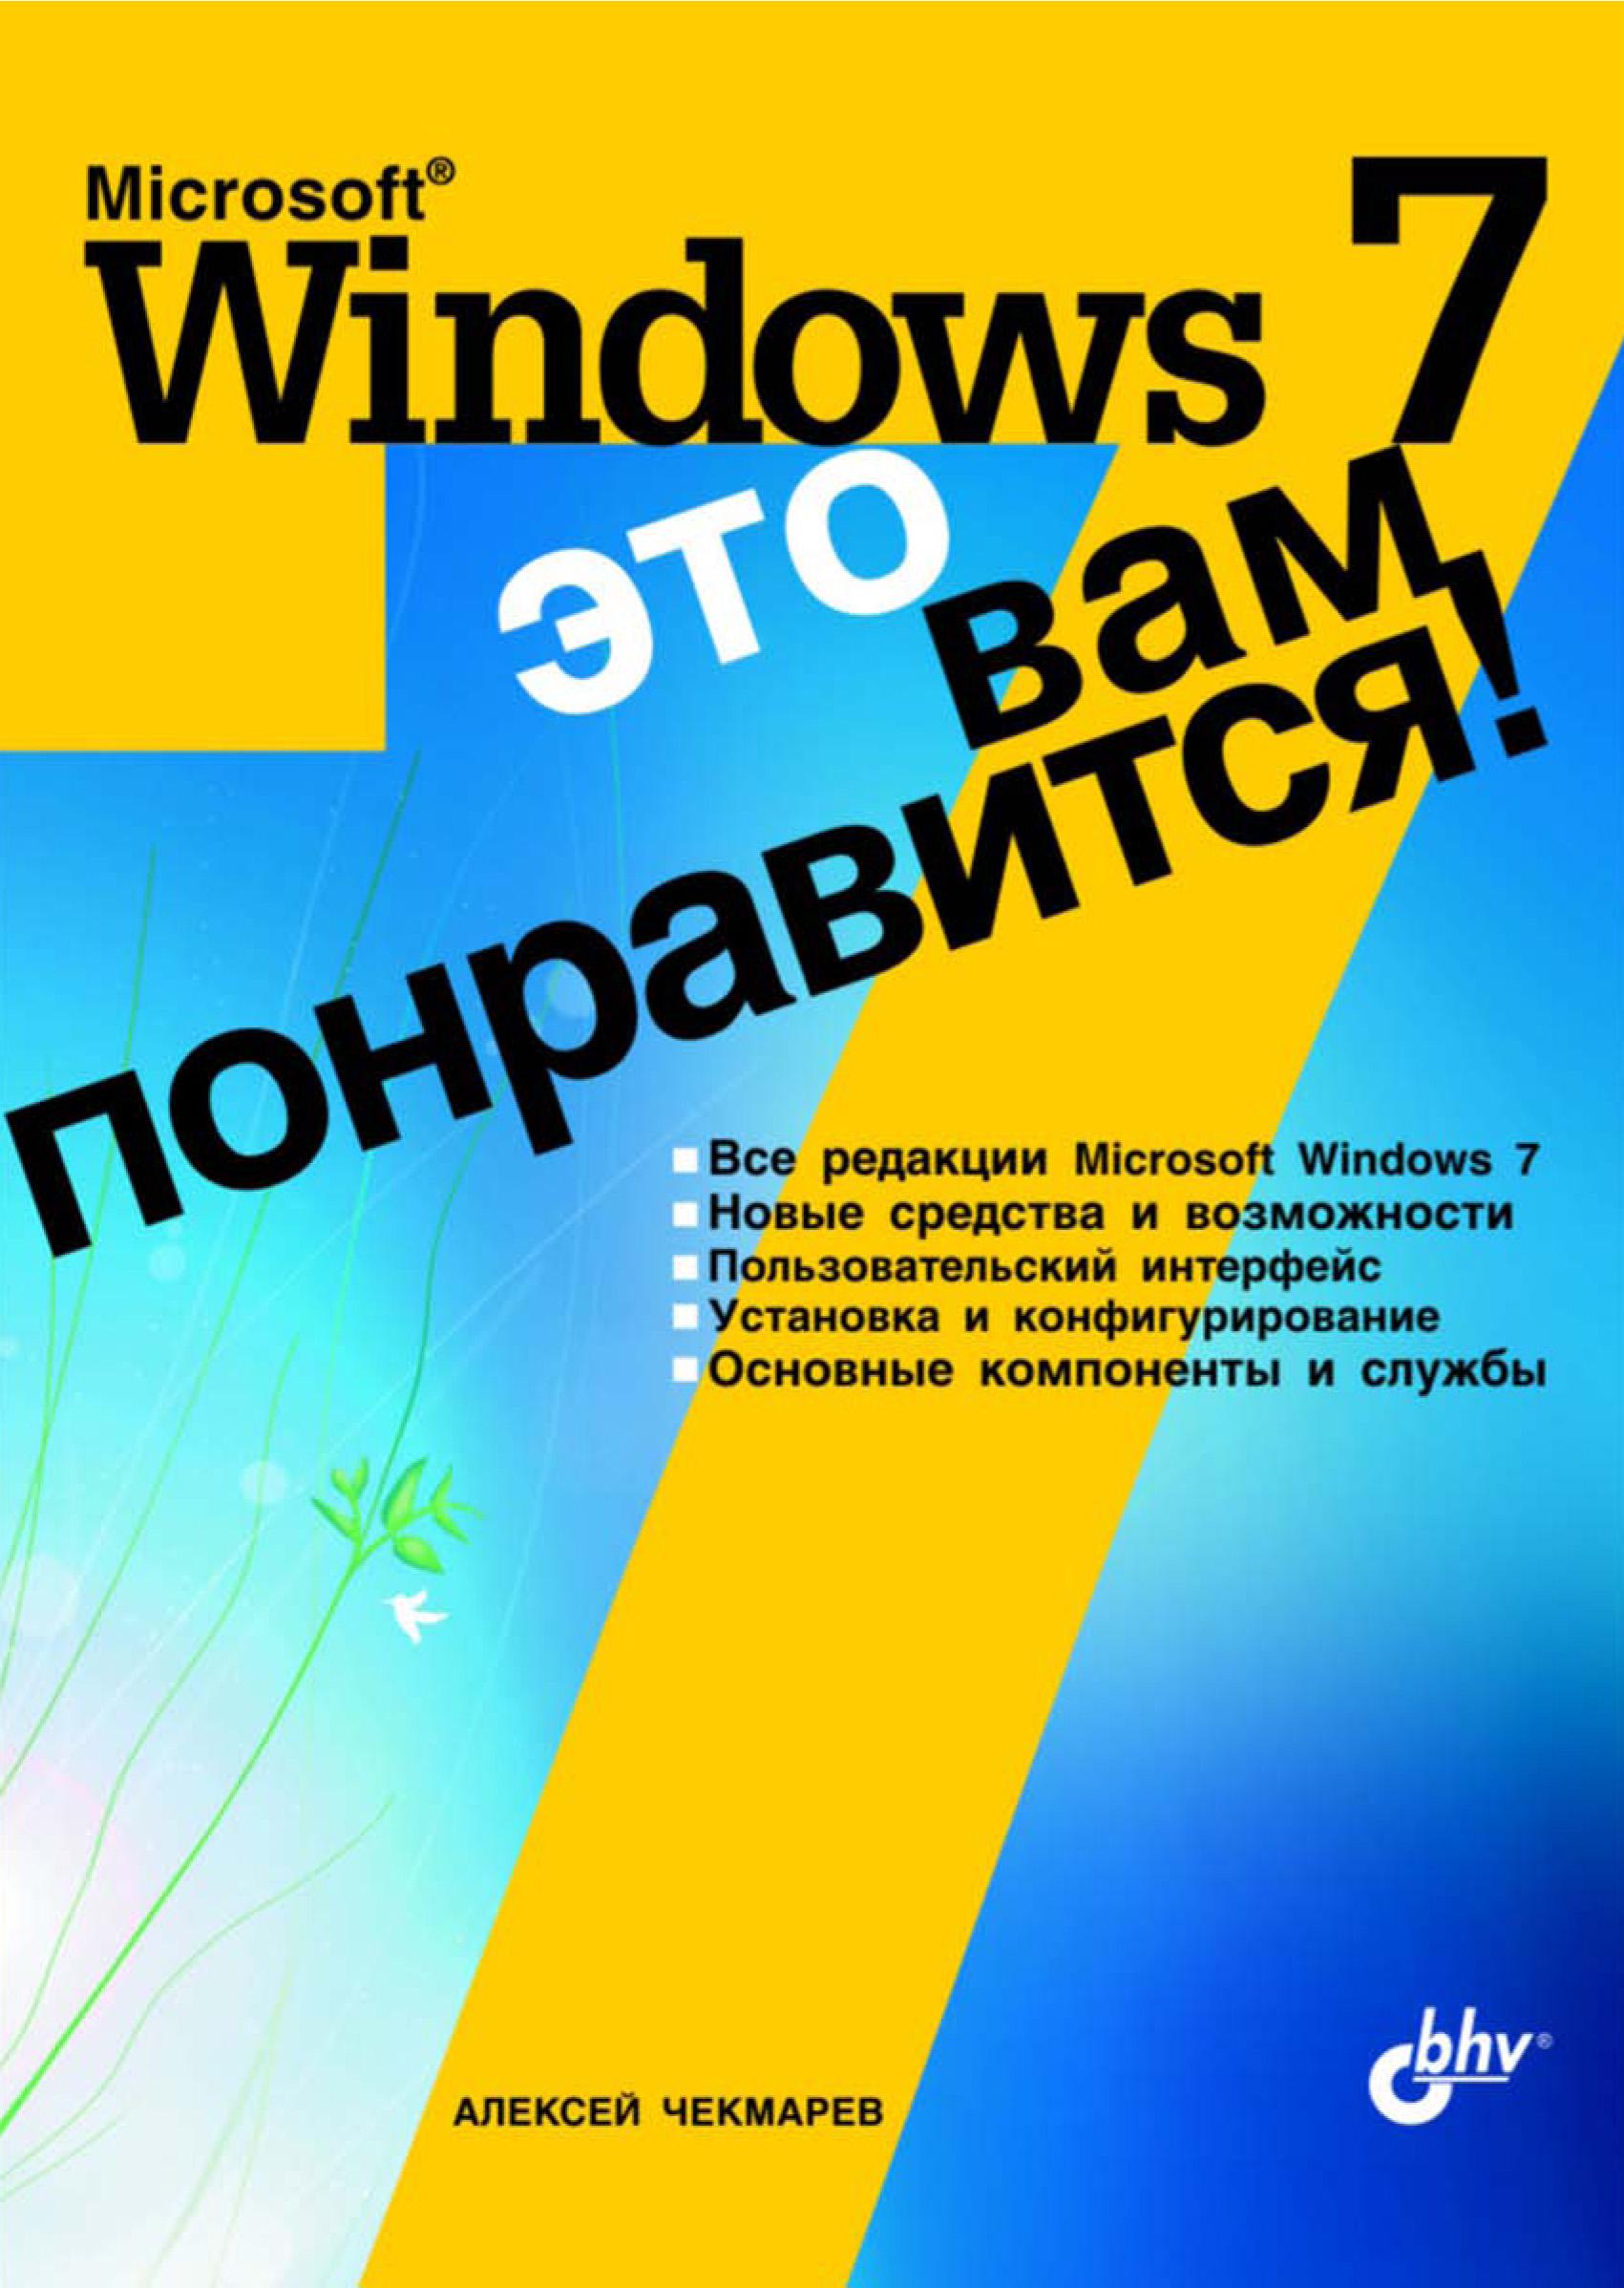 Алексей Чекмарев Microsoft Windows 7 – это вам понравится! алексей чекмарев microsoft windows 7 руководство администратора